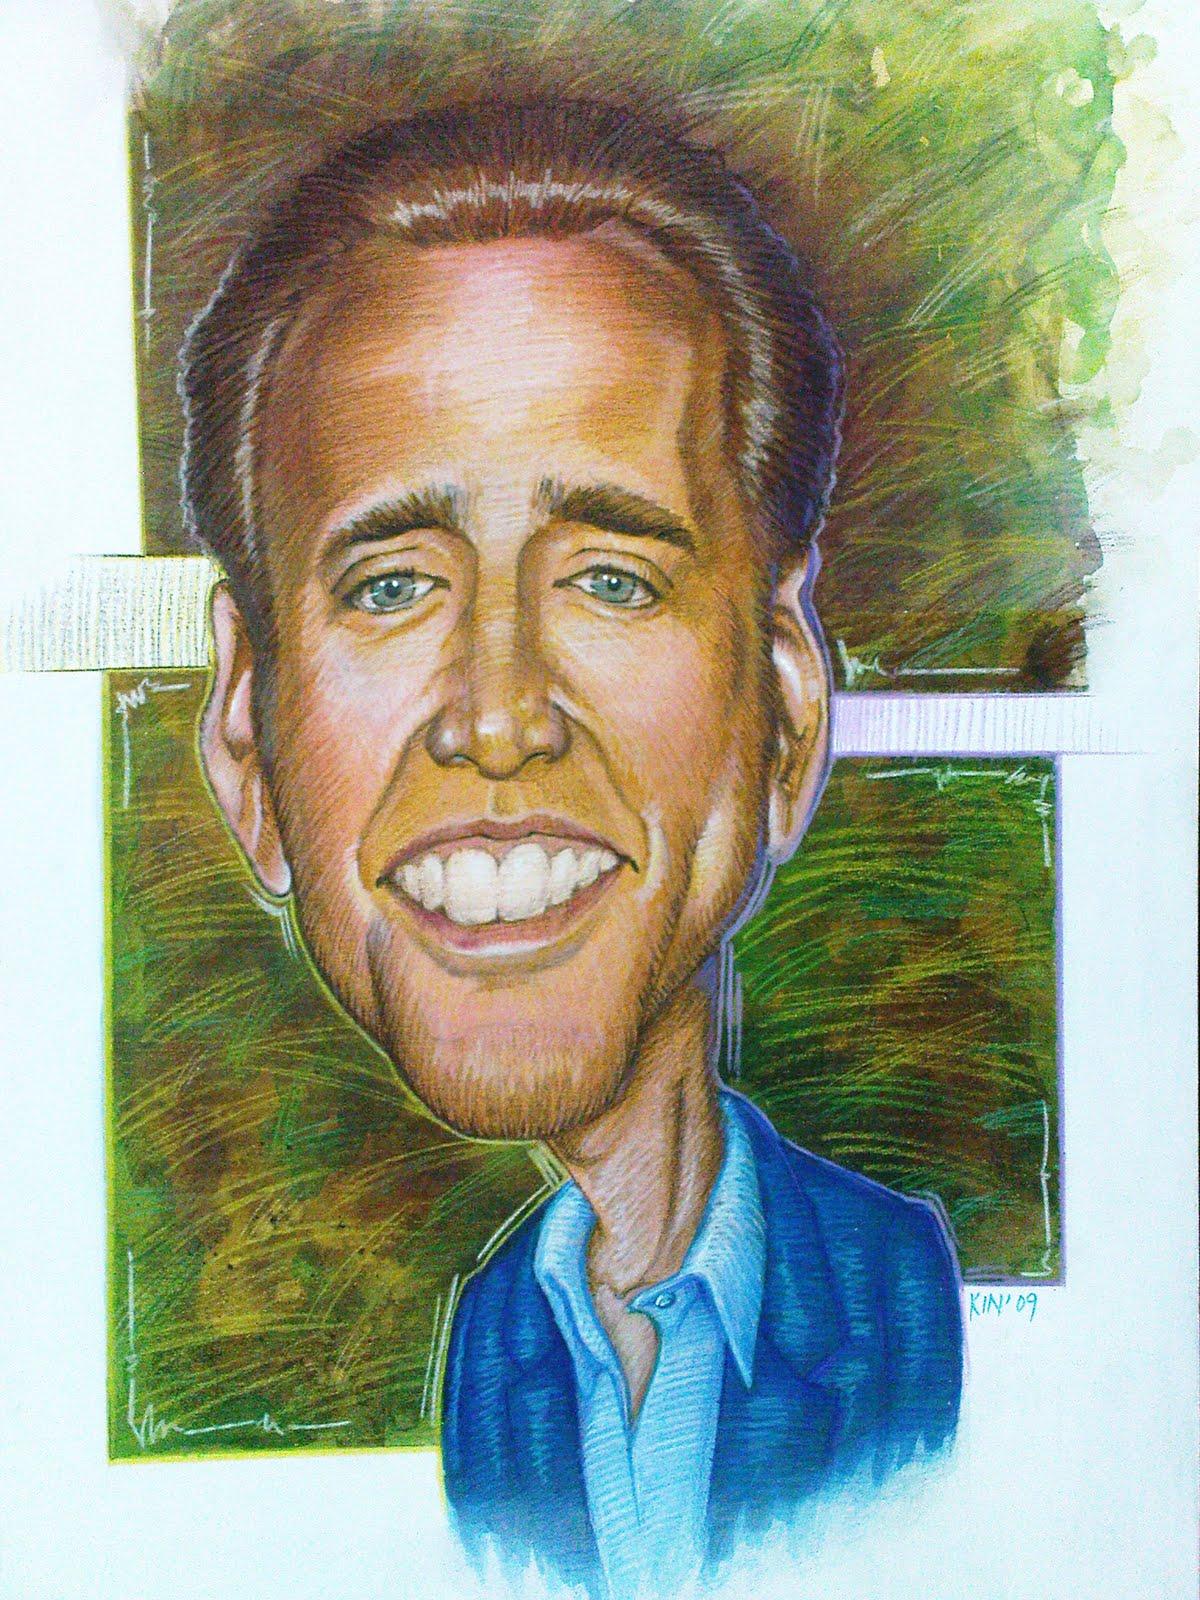 http://2.bp.blogspot.com/_P4kd-Re7ajA/TBZ3uIWdyoI/AAAAAAAAAuU/Dfve9Zdx1TU/s1600/Nicholas%2BCage%2BCaricature.JPG